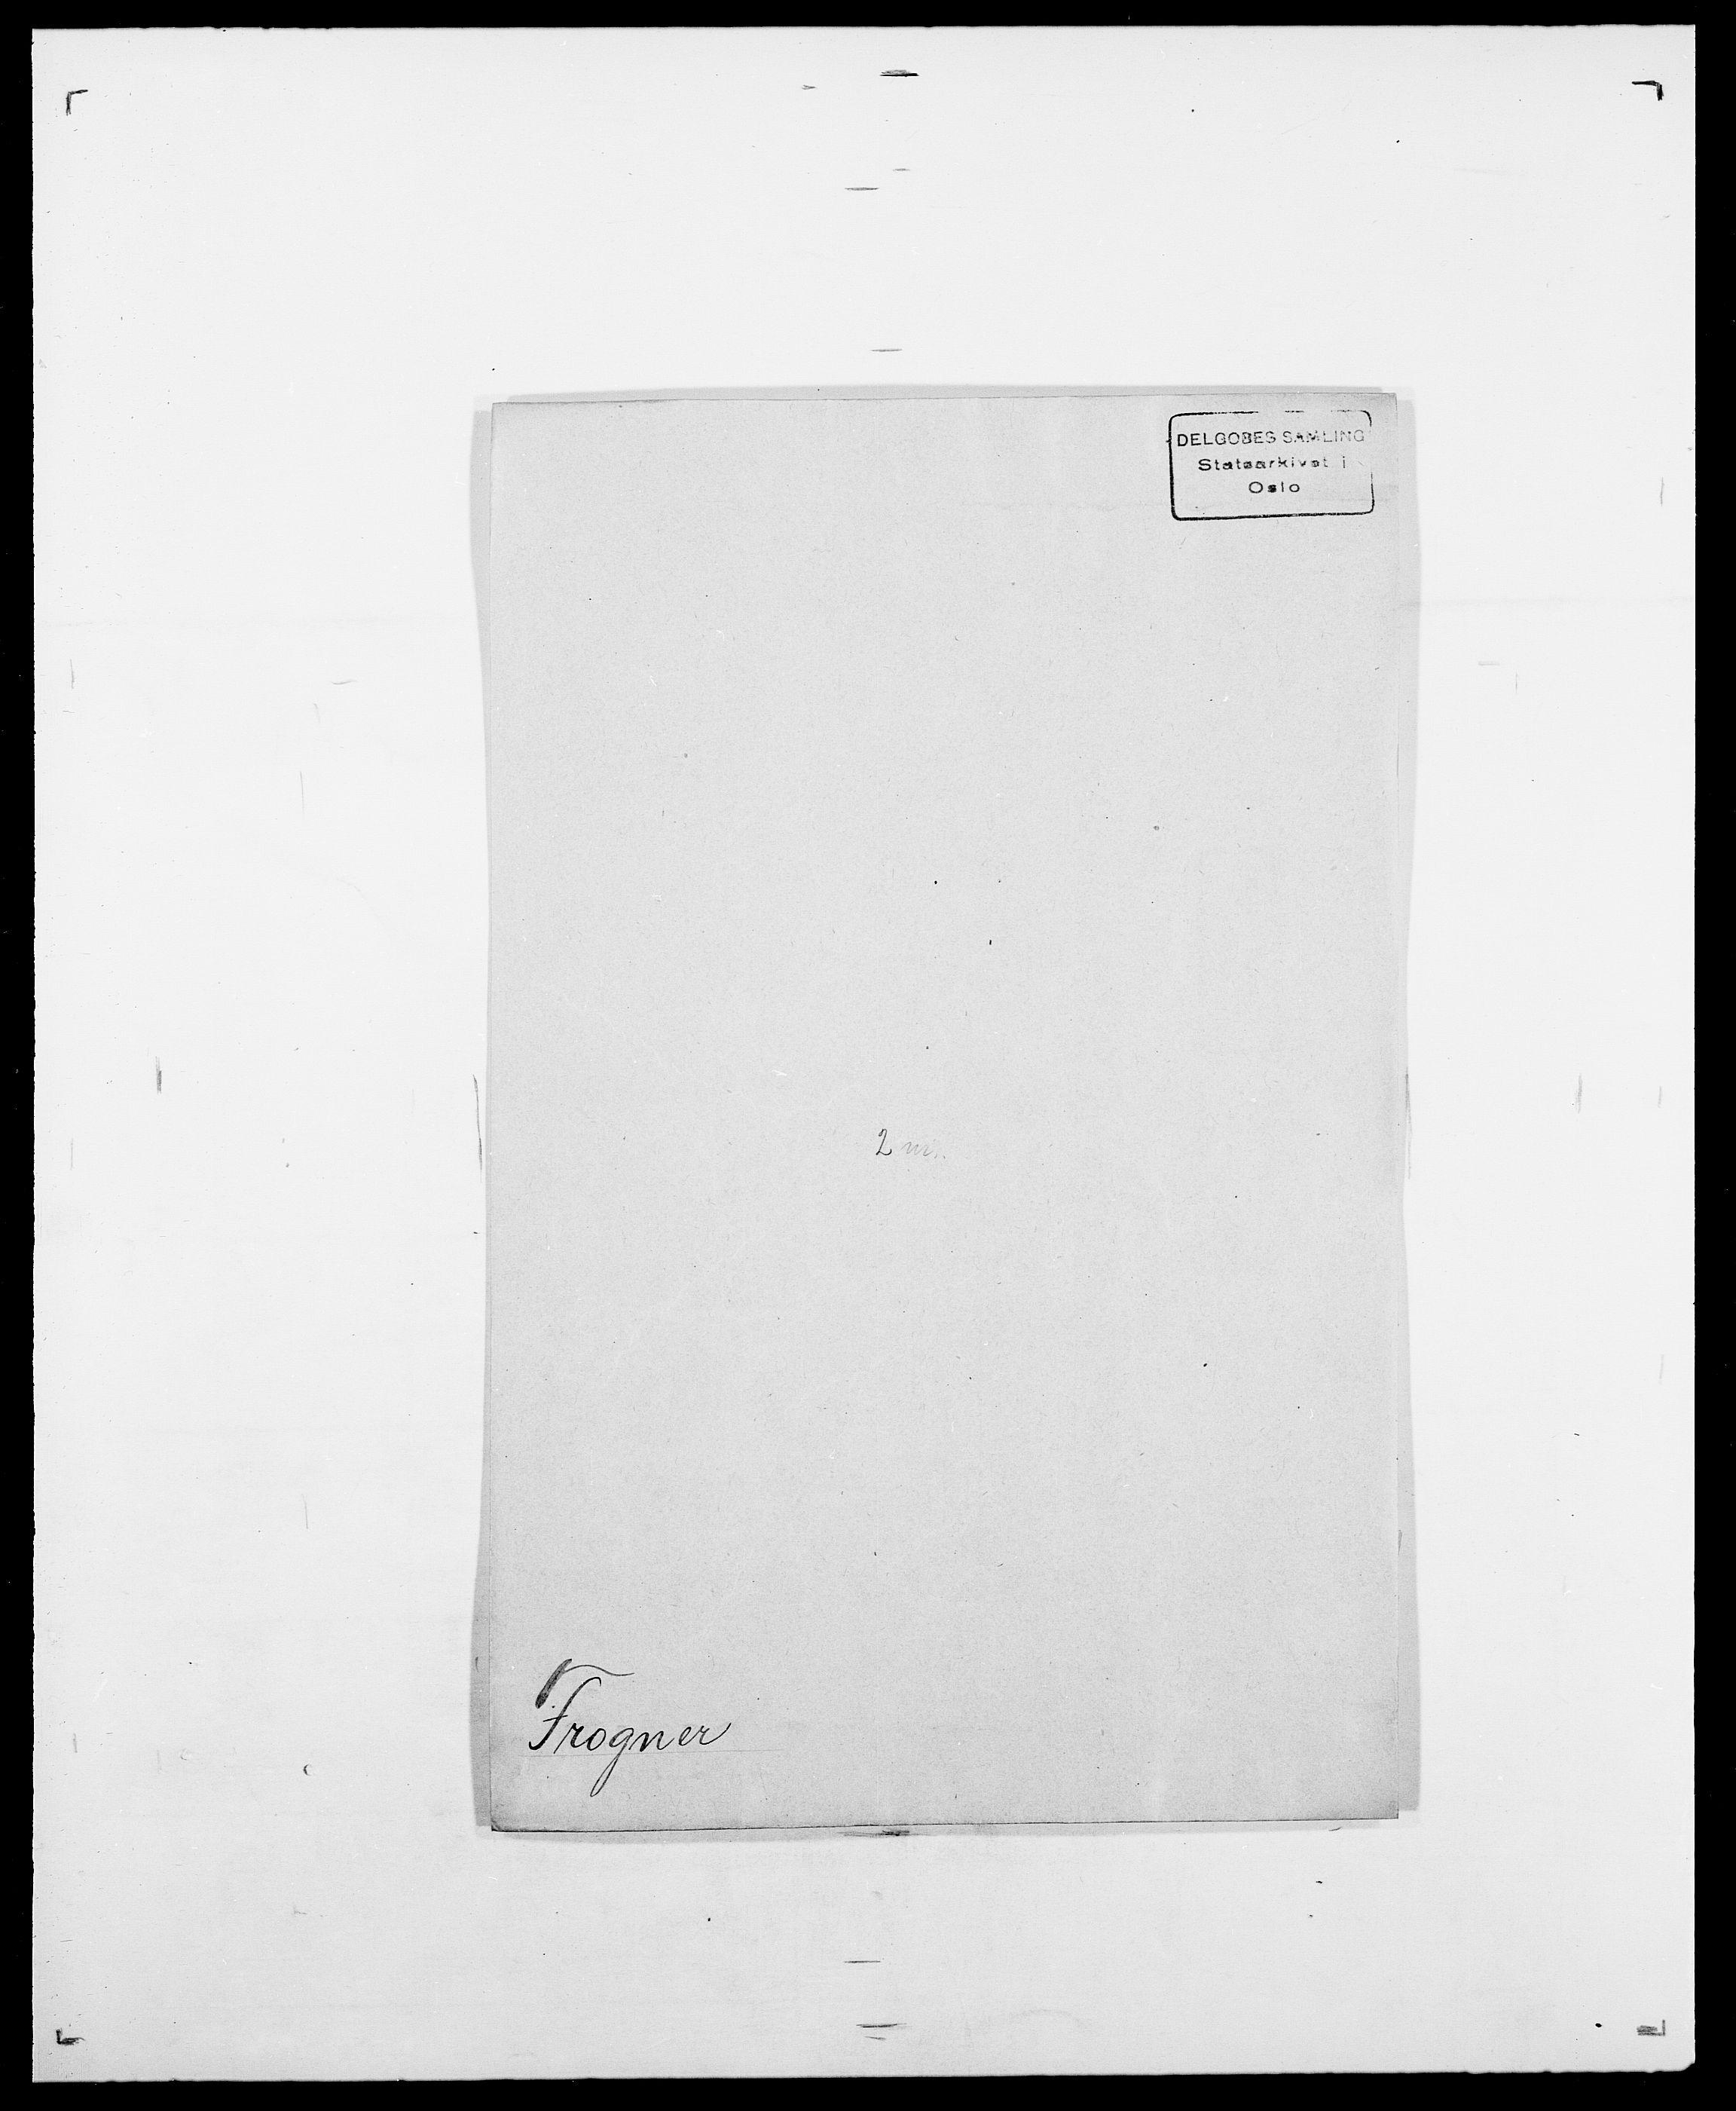 SAO, Delgobe, Charles Antoine - samling, D/Da/L0013: Forbos - Geving, s. 3